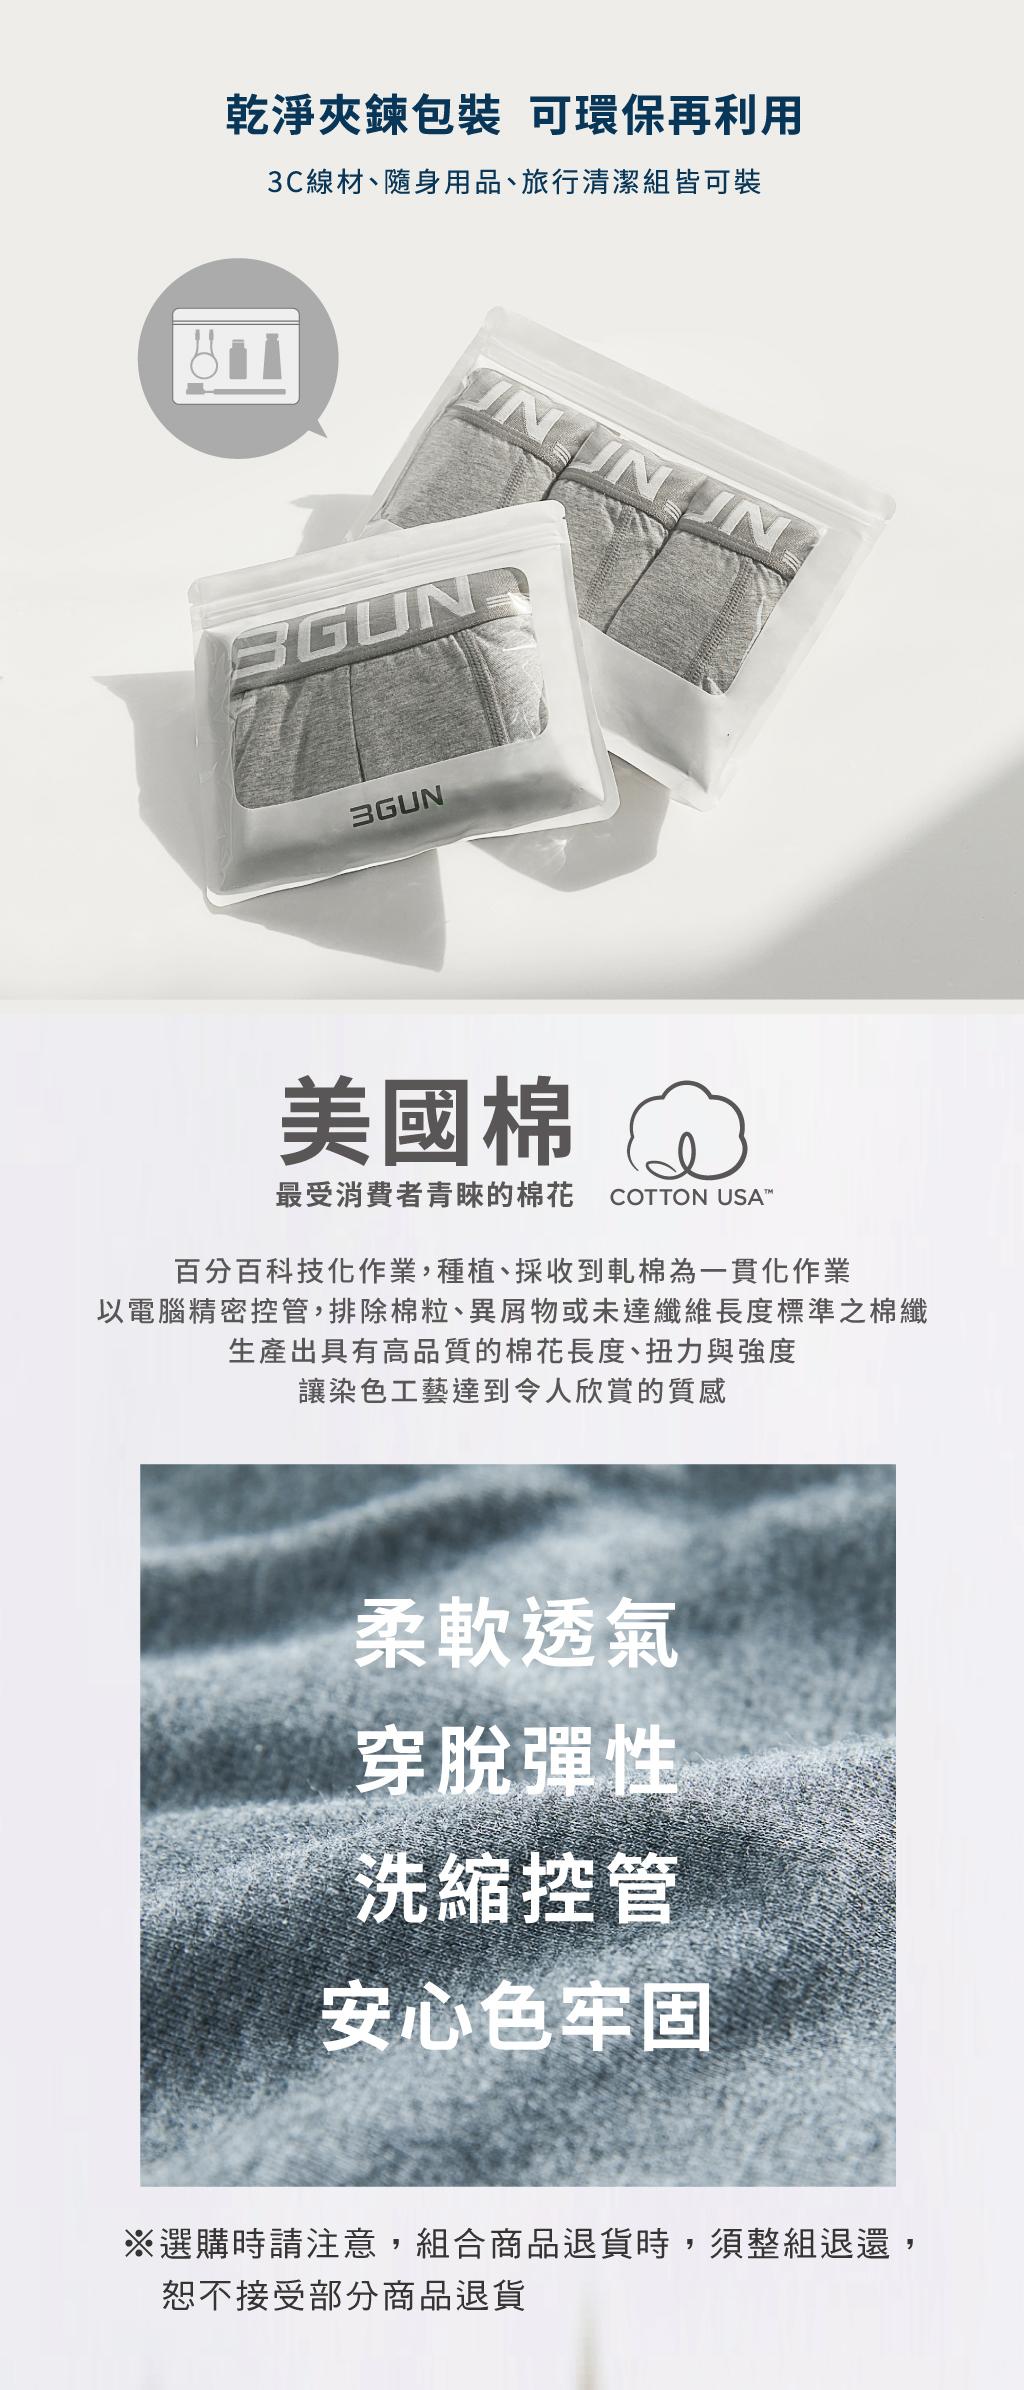 運動殿堂男彈力棉三角褲組-棉感-3GUN |男性時尚內衣褲MIT品牌